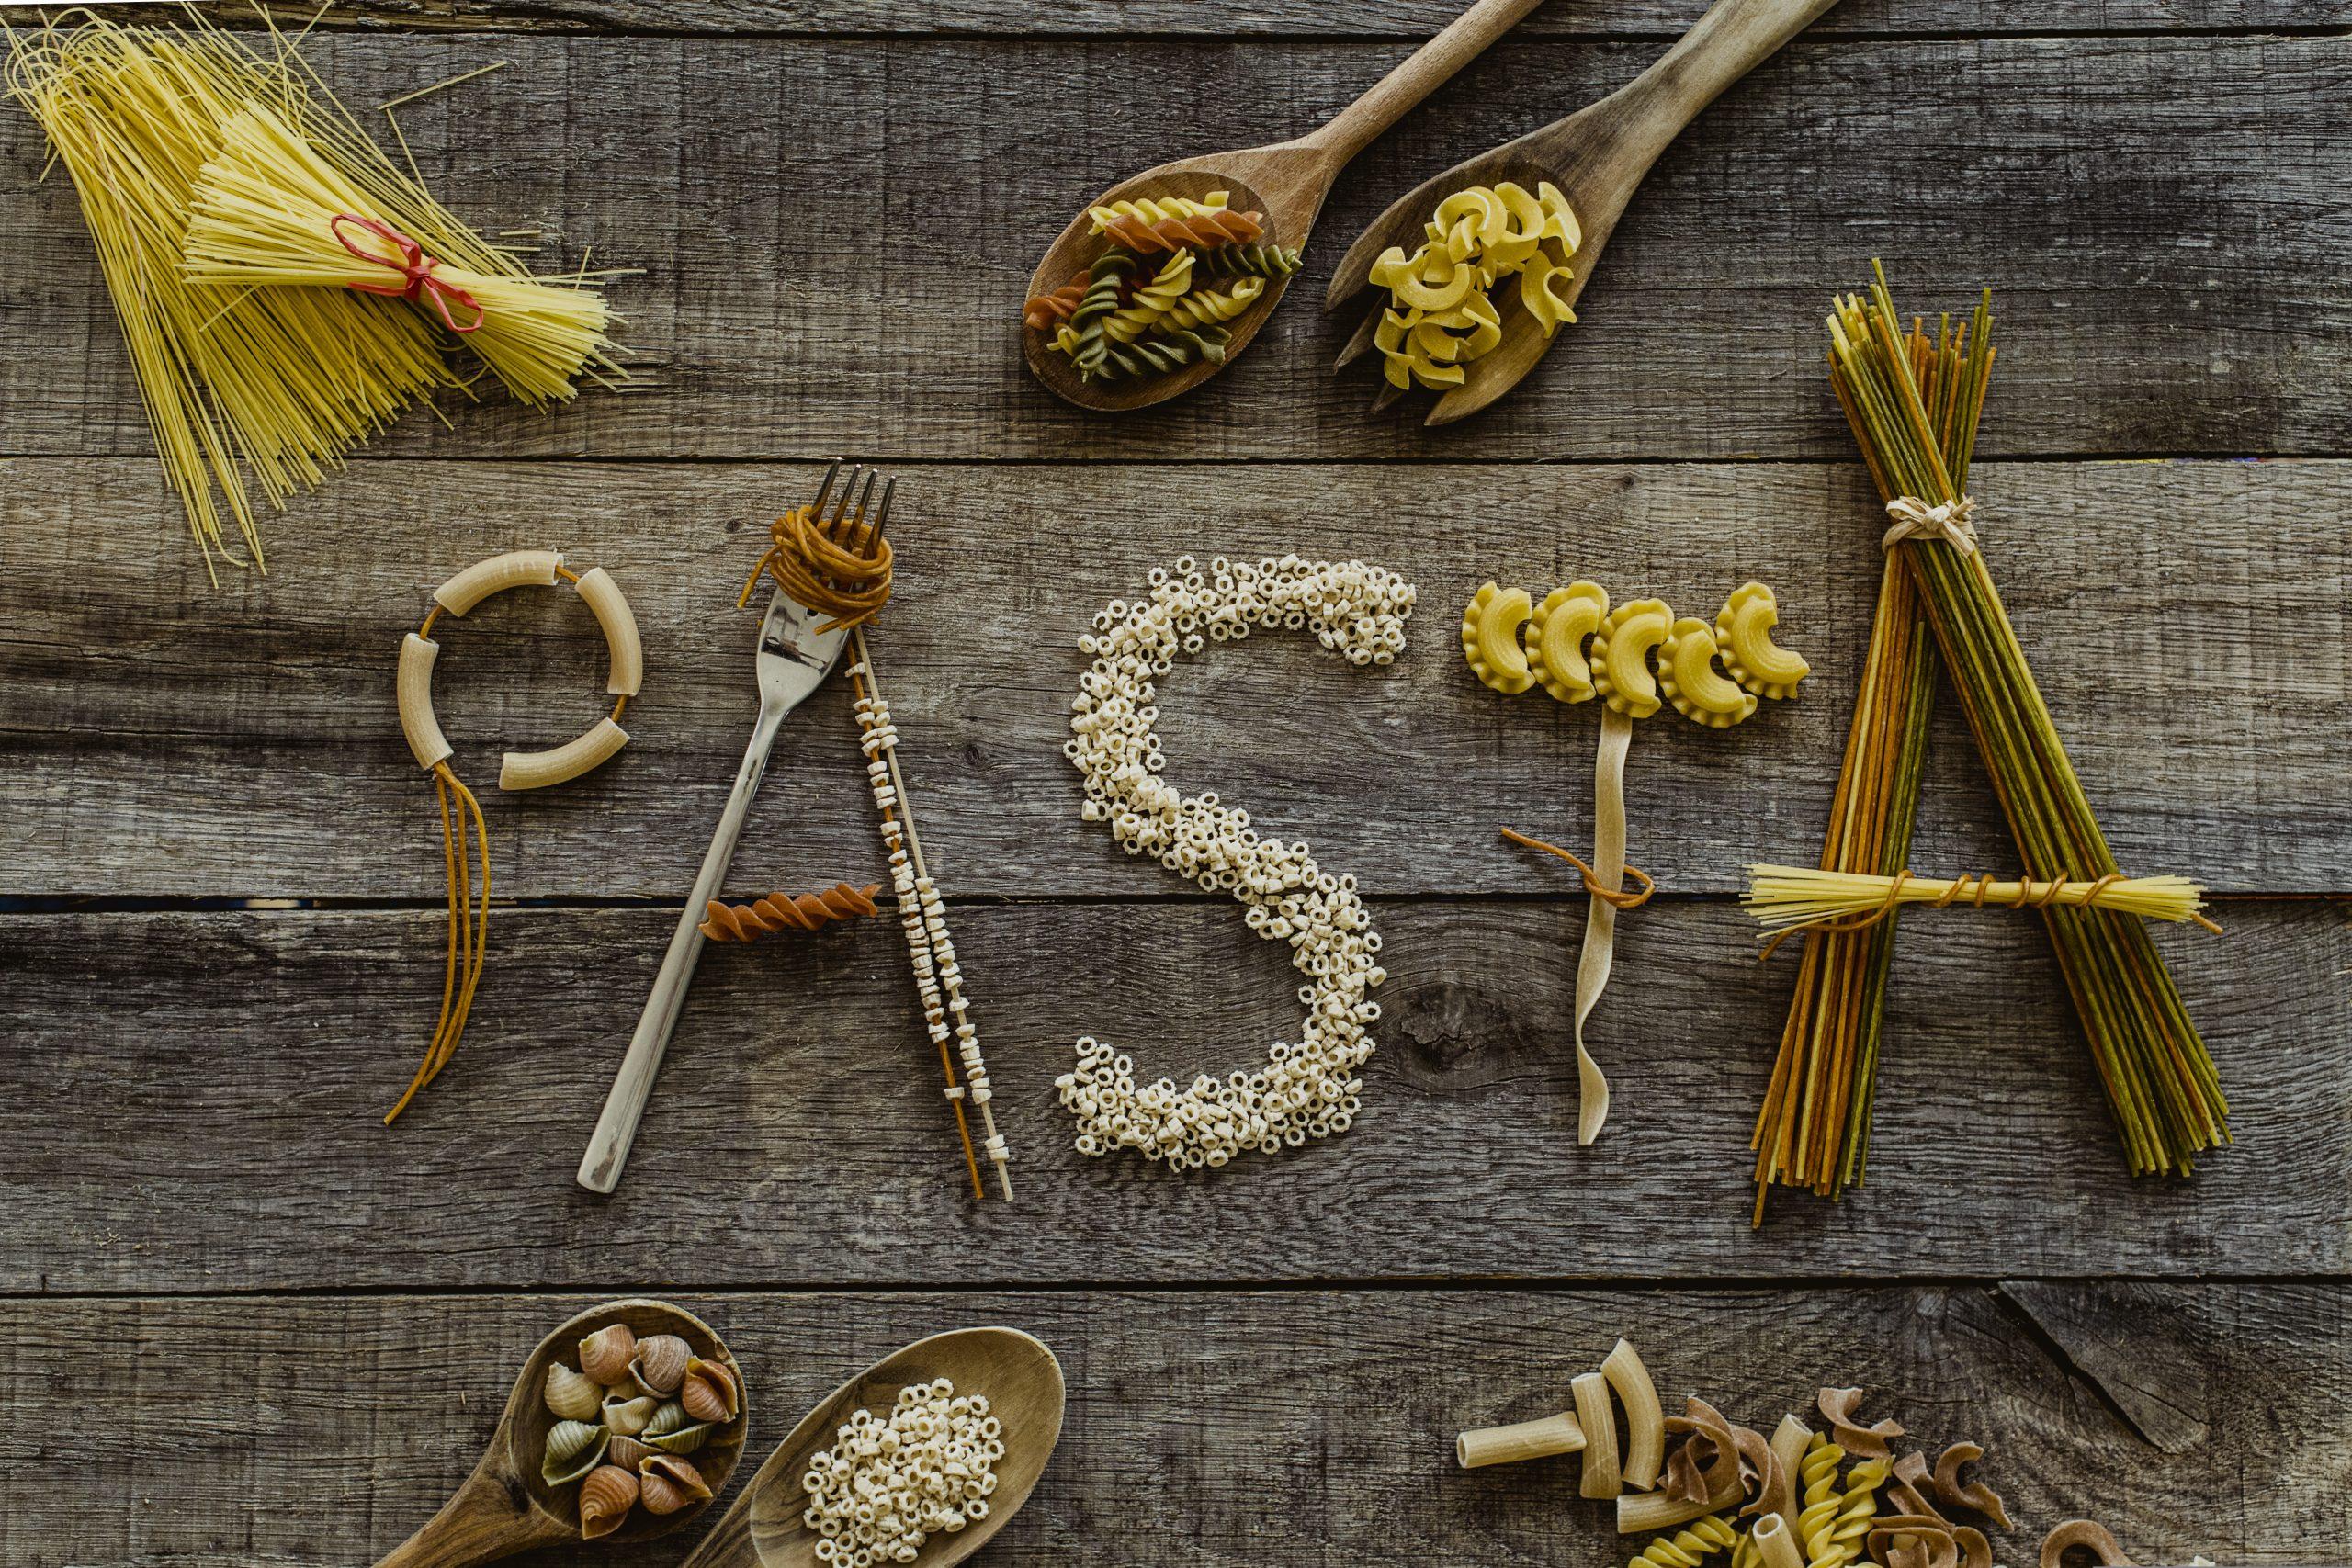 Verschiedenste Nudeln zum Wort Pasta auf einem Holztisch aufgelegt